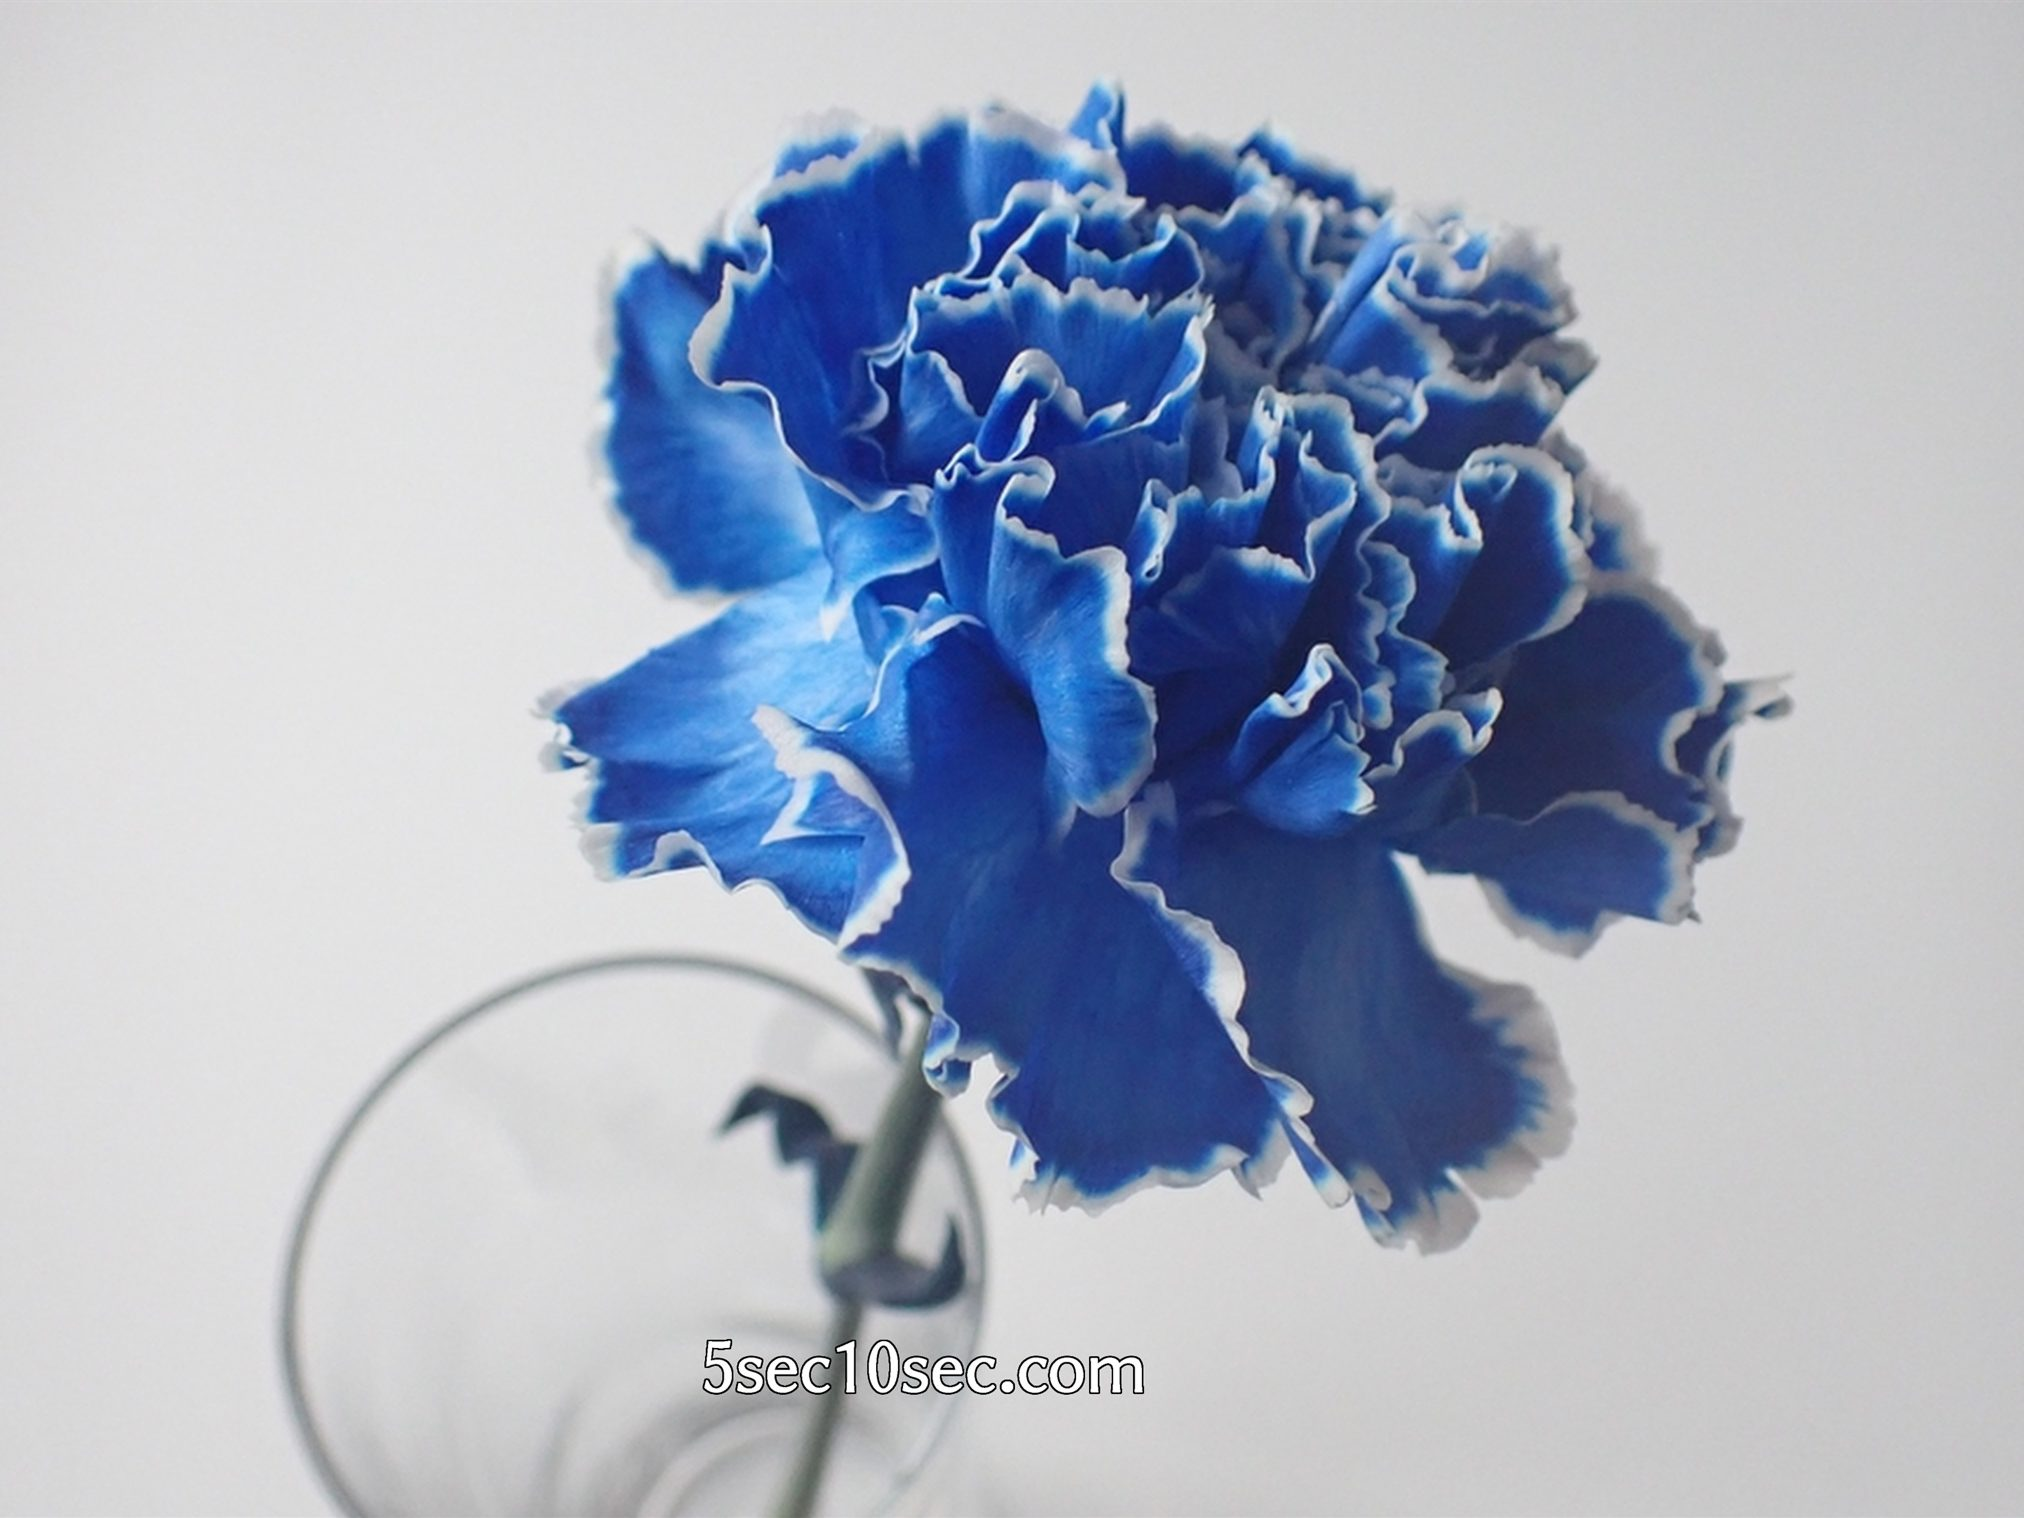 株式会社Crunch Style お花の定期便 Bloomee LIFE ブルーミーライフ 800円のレギュラープラン 染めカーネーション(青)を1輪挿しにするとこういう感じです